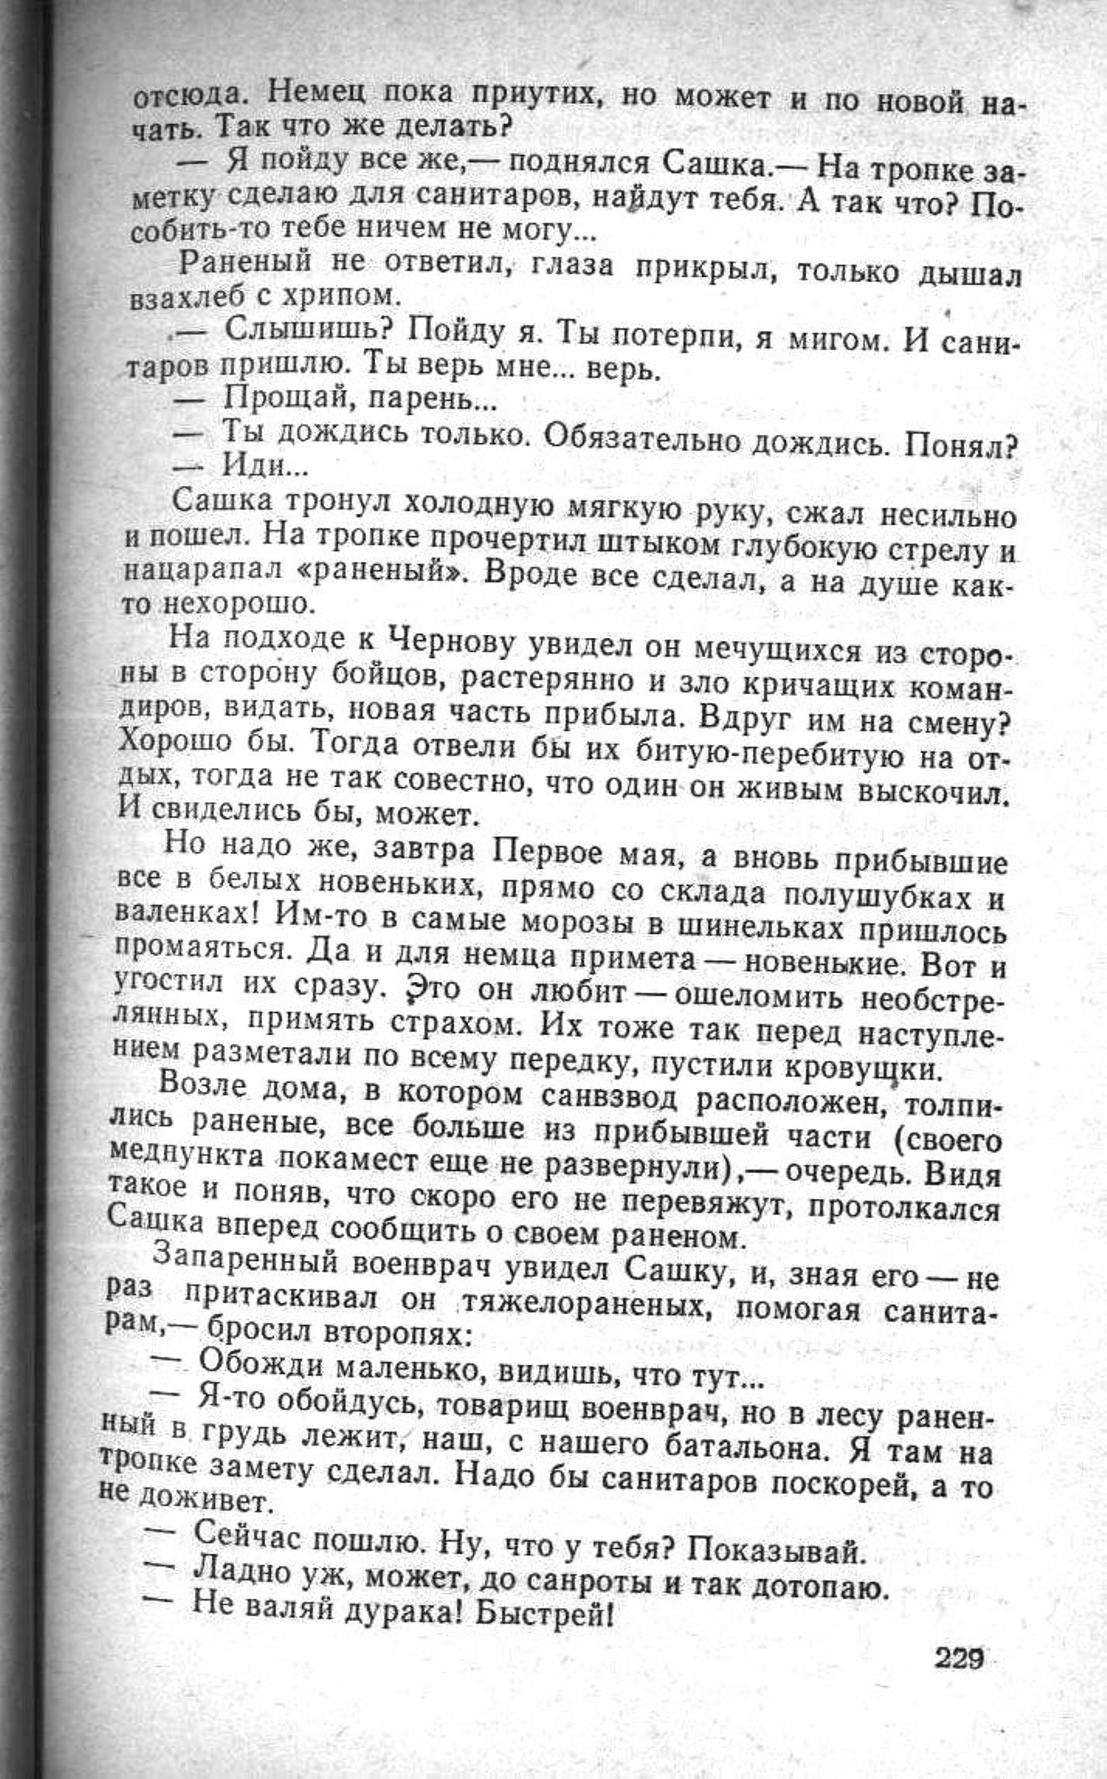 Сашка. Повесть. Вячеслав Кондратьев. 007. 004